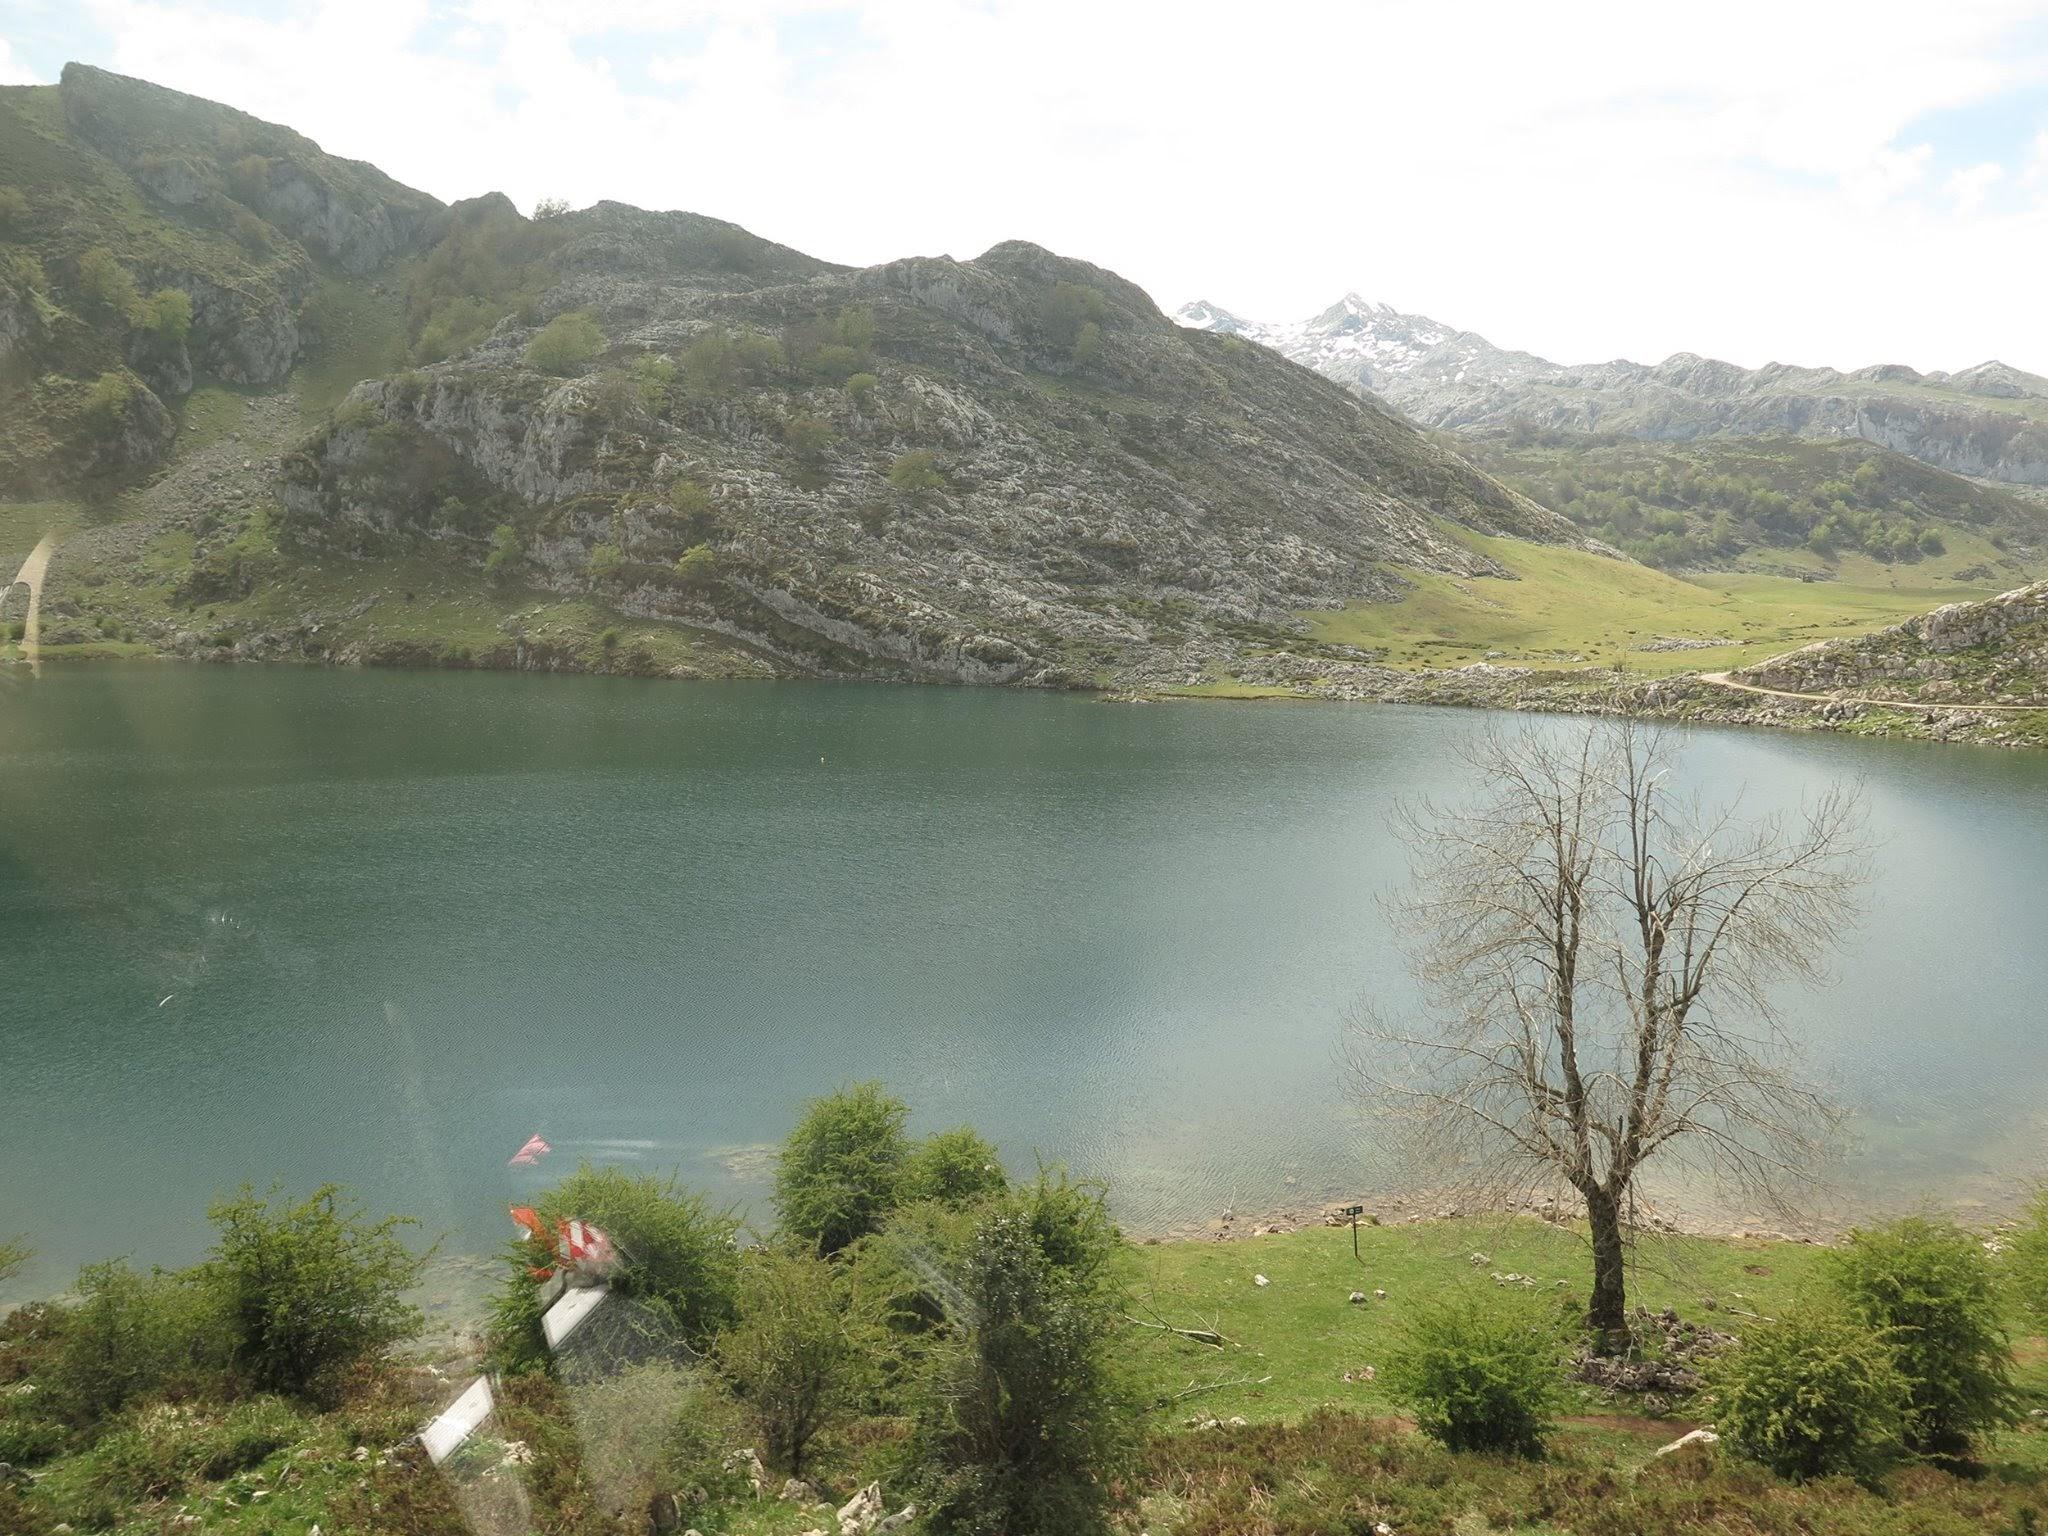 2017.05.2 y3 - Viaje Covadonga Sector Hnos. Mayores (6)